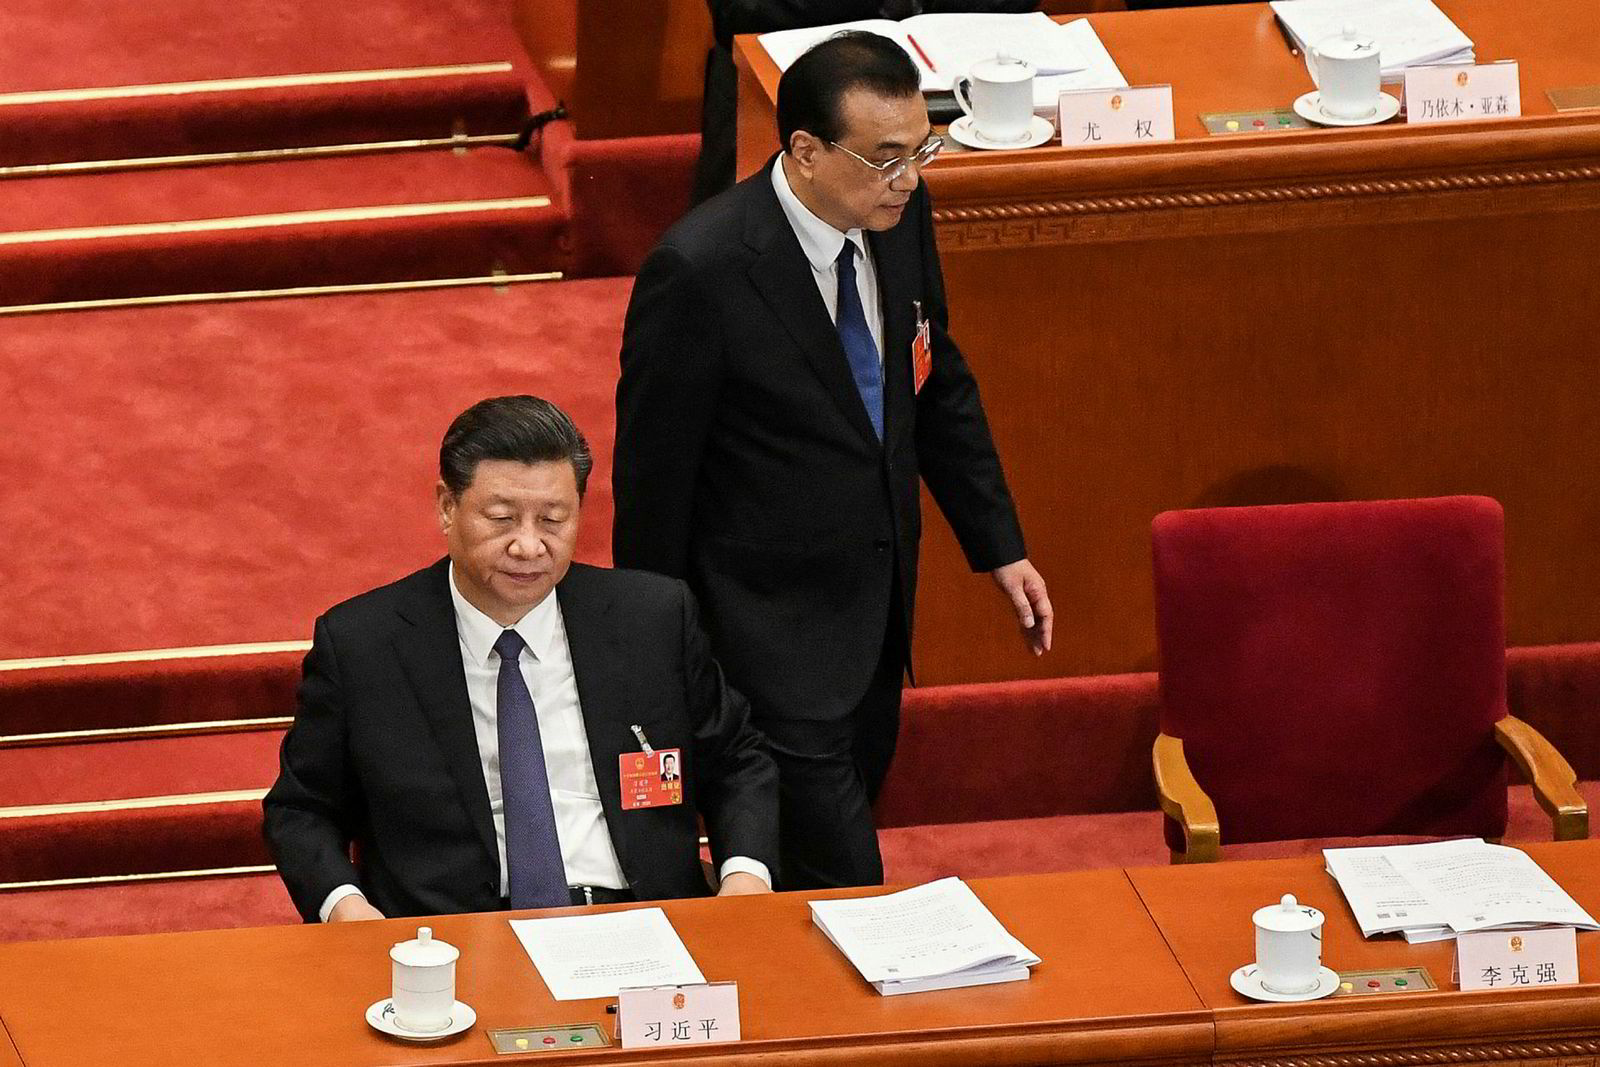 Kinas statsminister Li Keqiang (til høyre) og president Xi Jinping vil for første gang ikke sette et offisielt vekstmål for landets økonomi for 2020. – Dette skyldes at landet vårt står foran en situasjon som gjør det vanskelig å forutsi utviklingen på grunn av koronapandemien, verdensøkonomien og handelssituasjonen, sa Li.